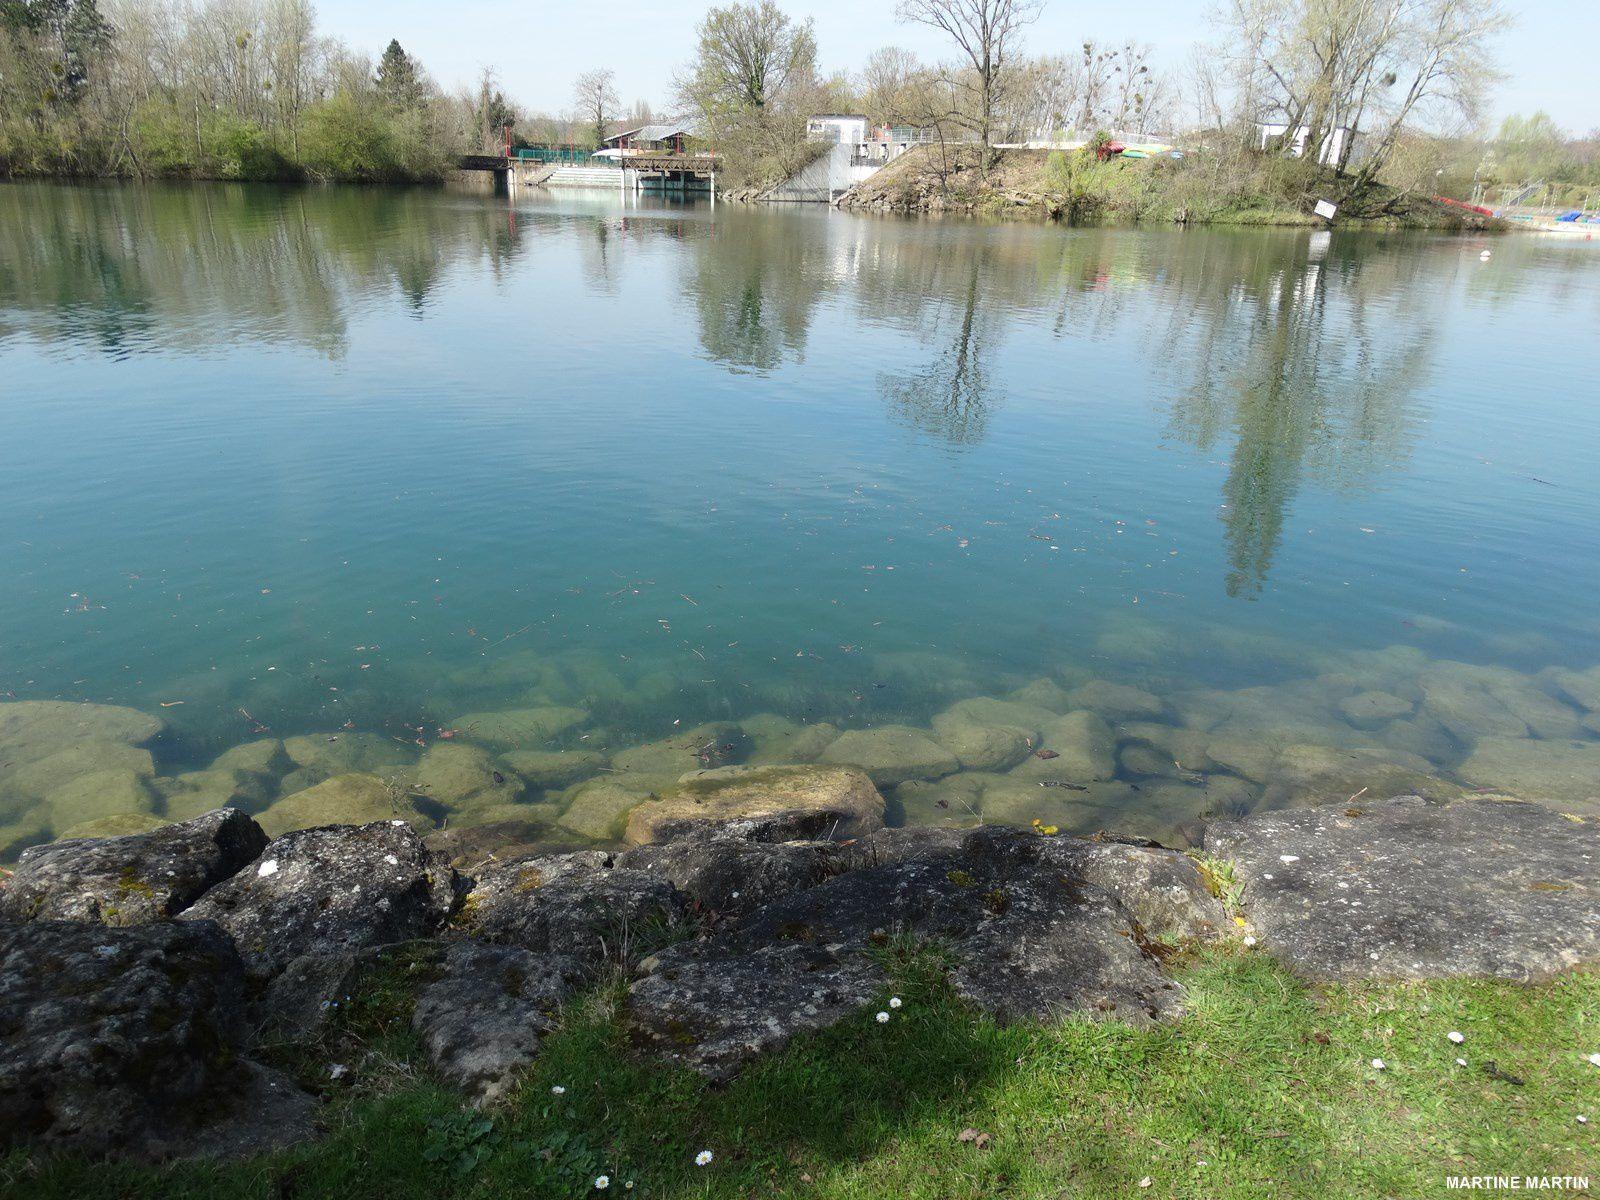 Reflets d'arbres aux étangs de Cergy